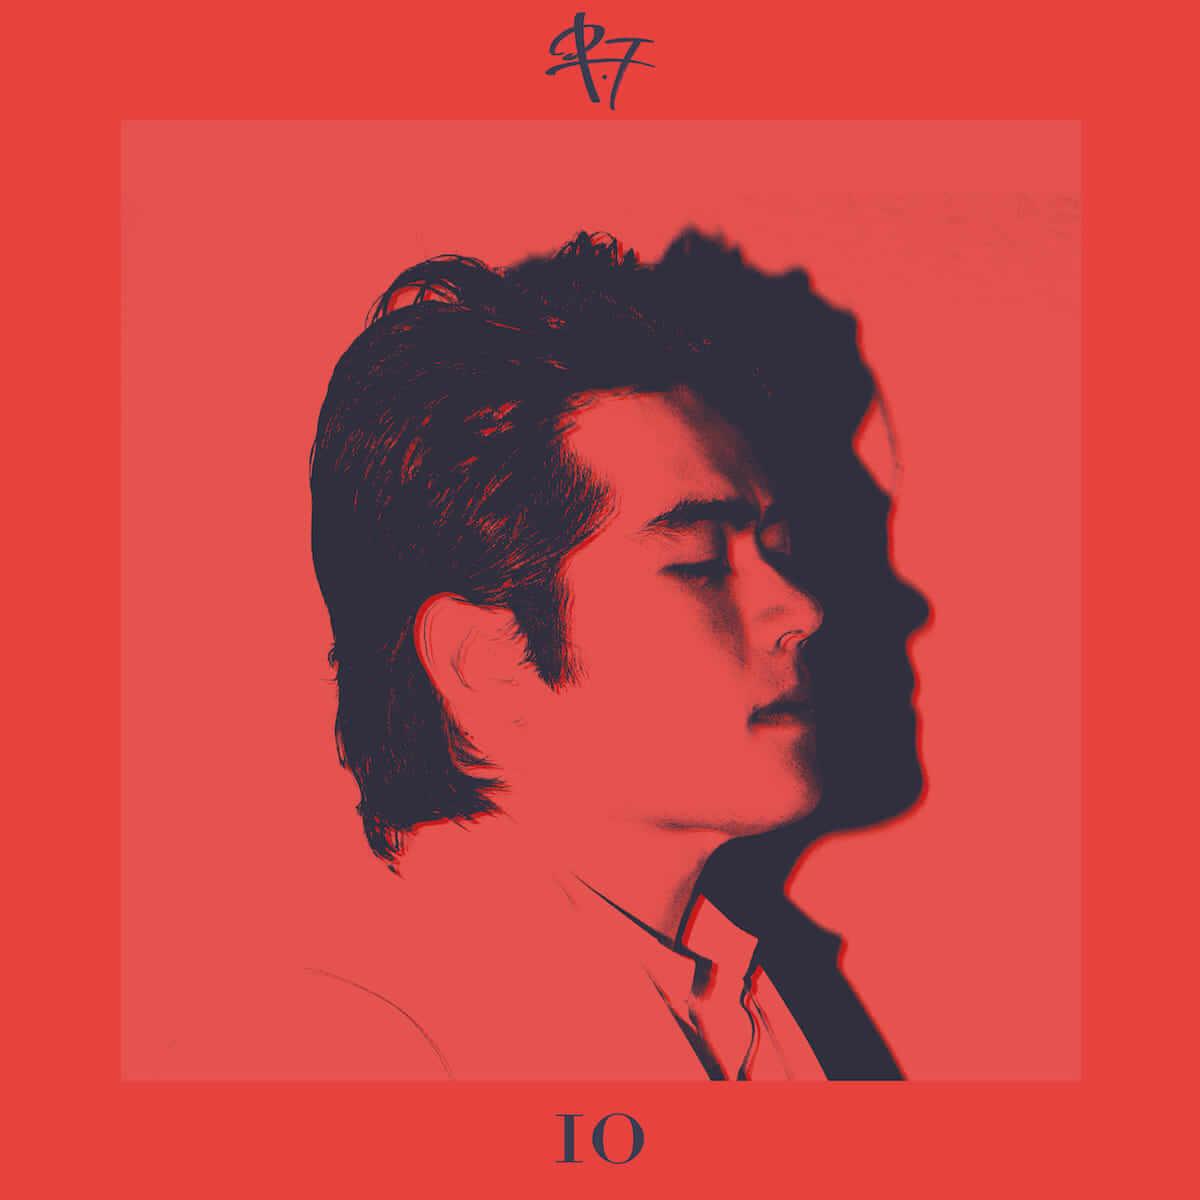 高岩 遼、ソロデビュー・アルバム『10』ジャケ写&収録曲公開!オカモトショウ(OKAMOTO'S)のゲスト参加も決定! music180827_takaiwa-ryo_01-1200x1200